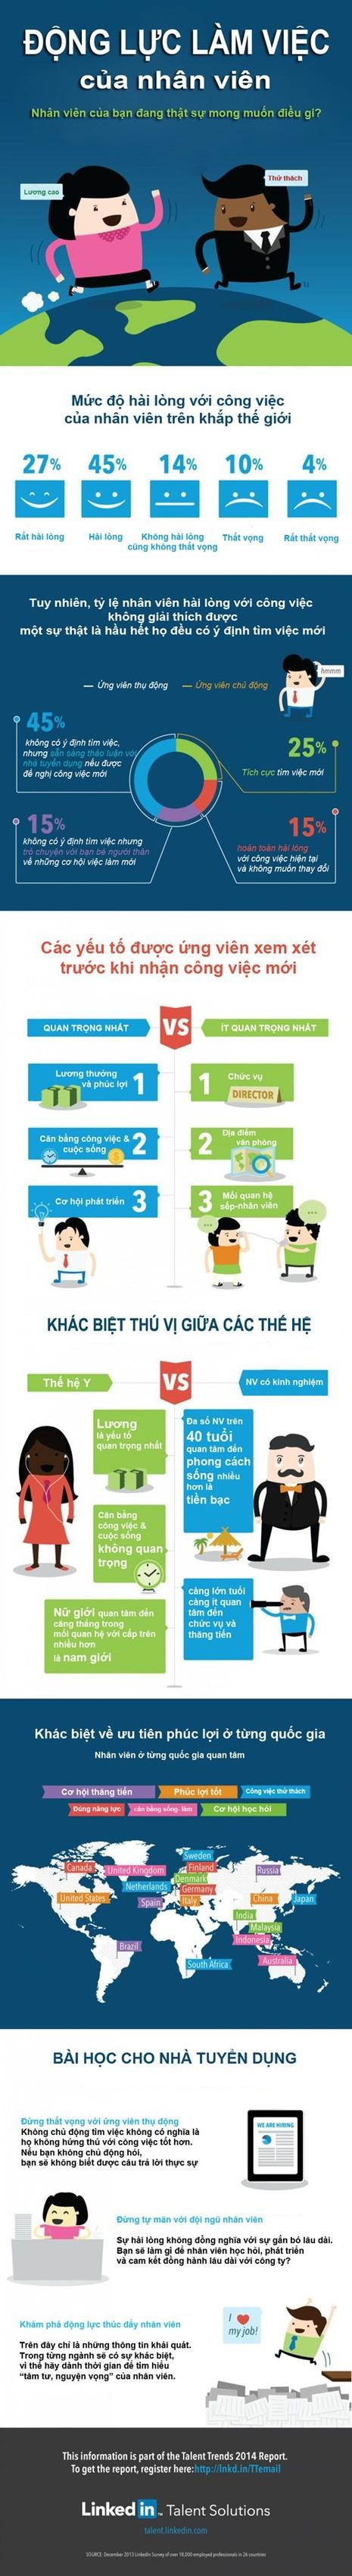 Infographic: Hiểu về động lực làm việc của nhân viên - ảnh 1